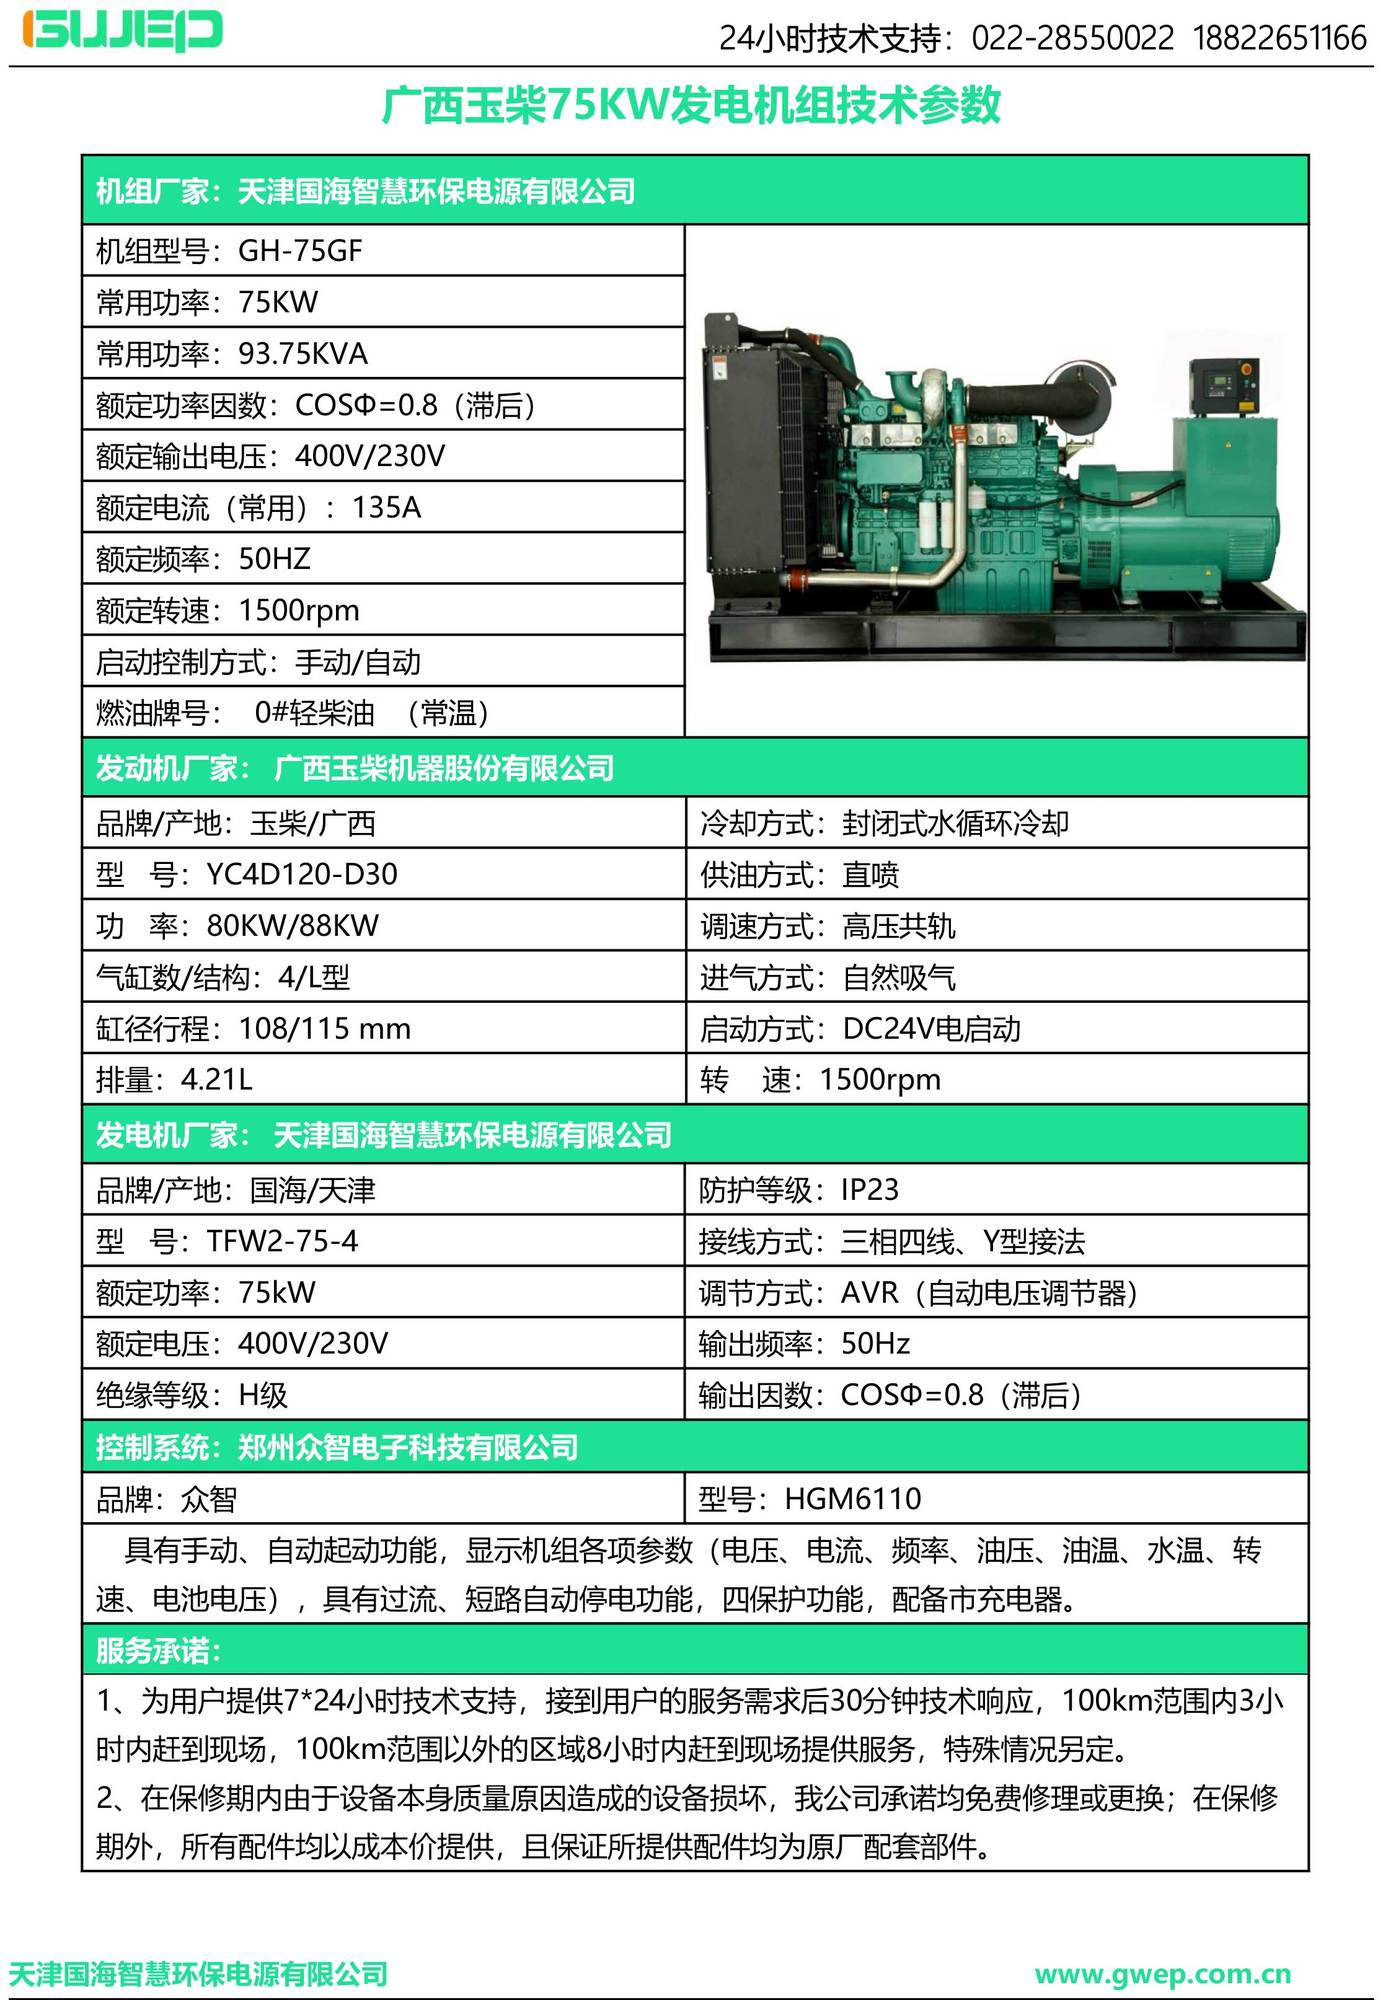 玉柴75KW发电机组技术资料-2.jpg